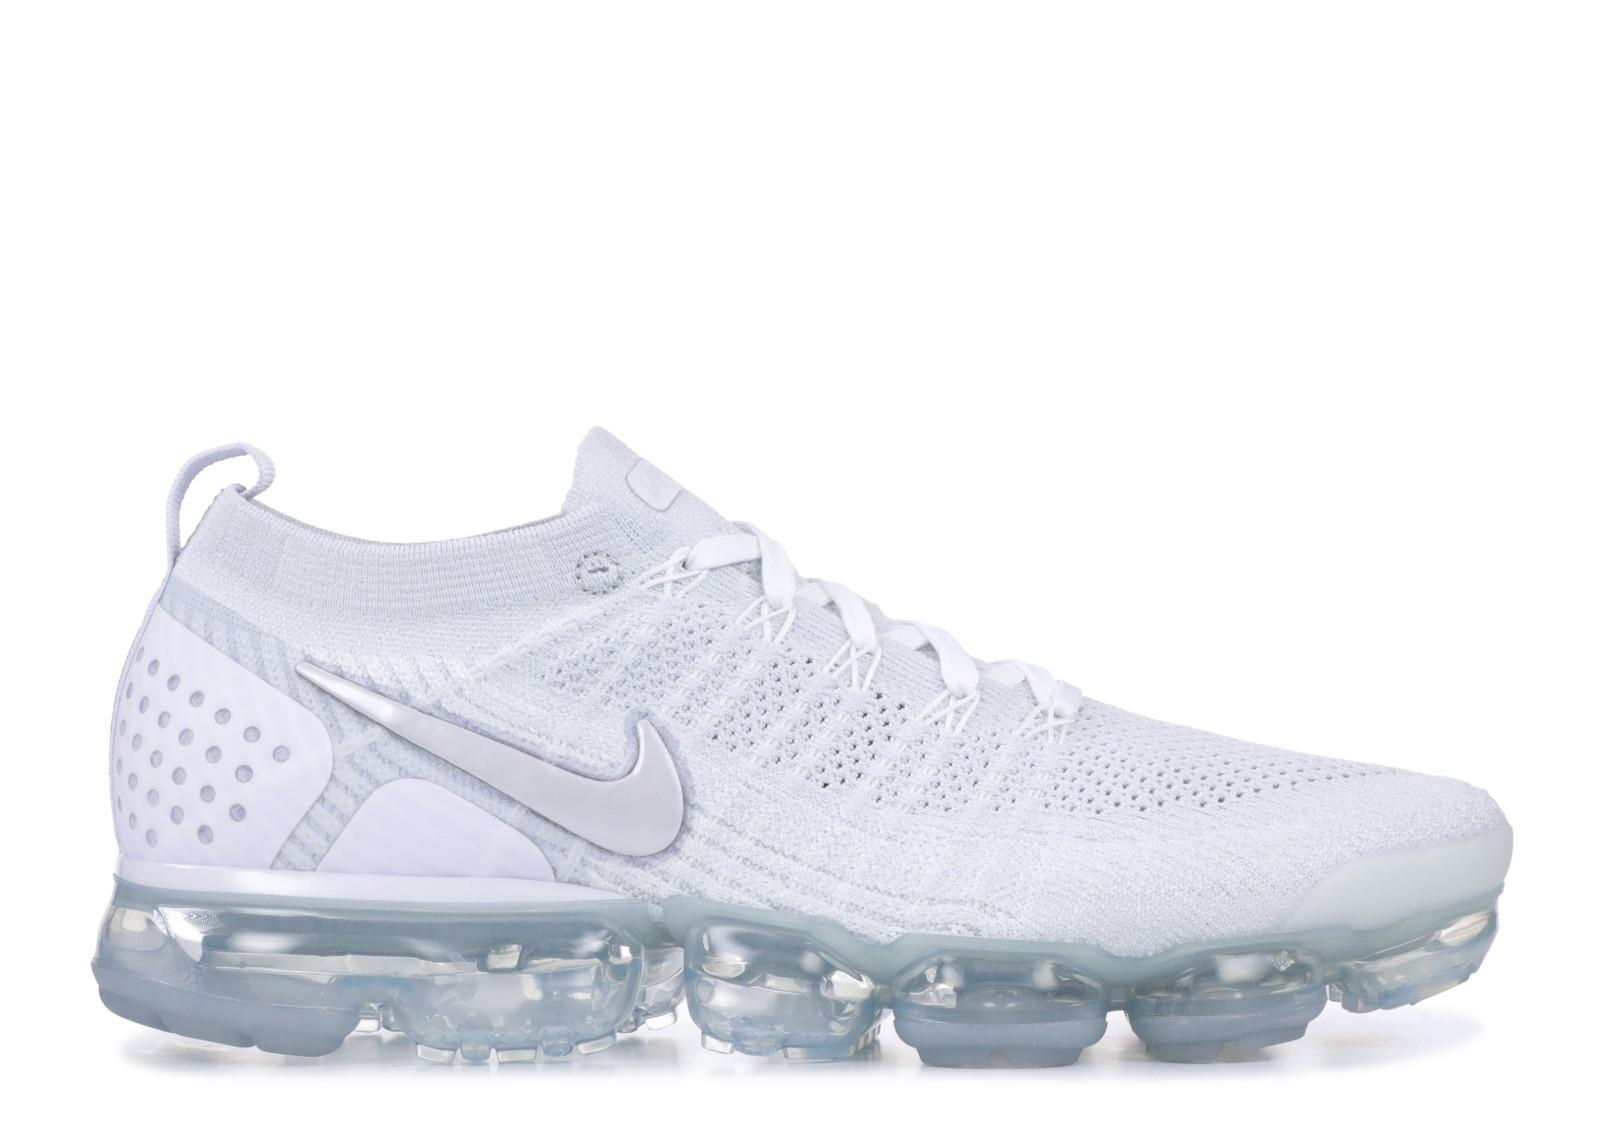 """quality design b0a8a 74ae2 Nike Vapormax Flyknit 2 """"Triple White"""" WHT/PR PLTNM 942842-105"""